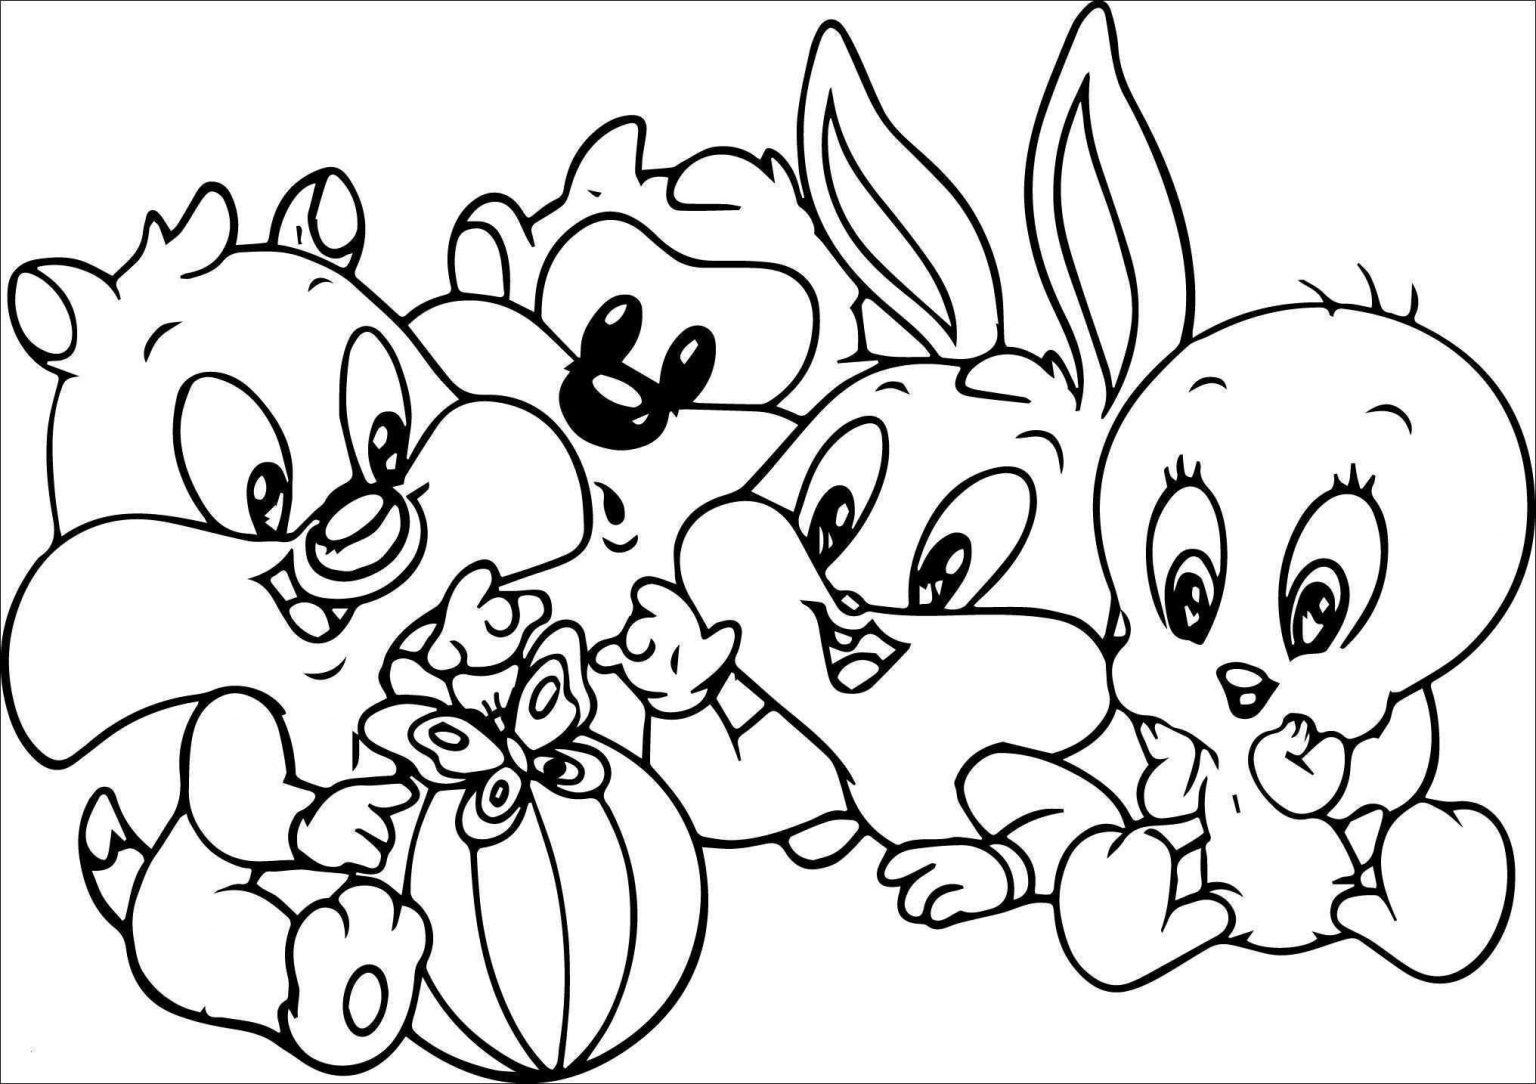 baby looney tunes malvorlagen de  malvorlagen für kinder